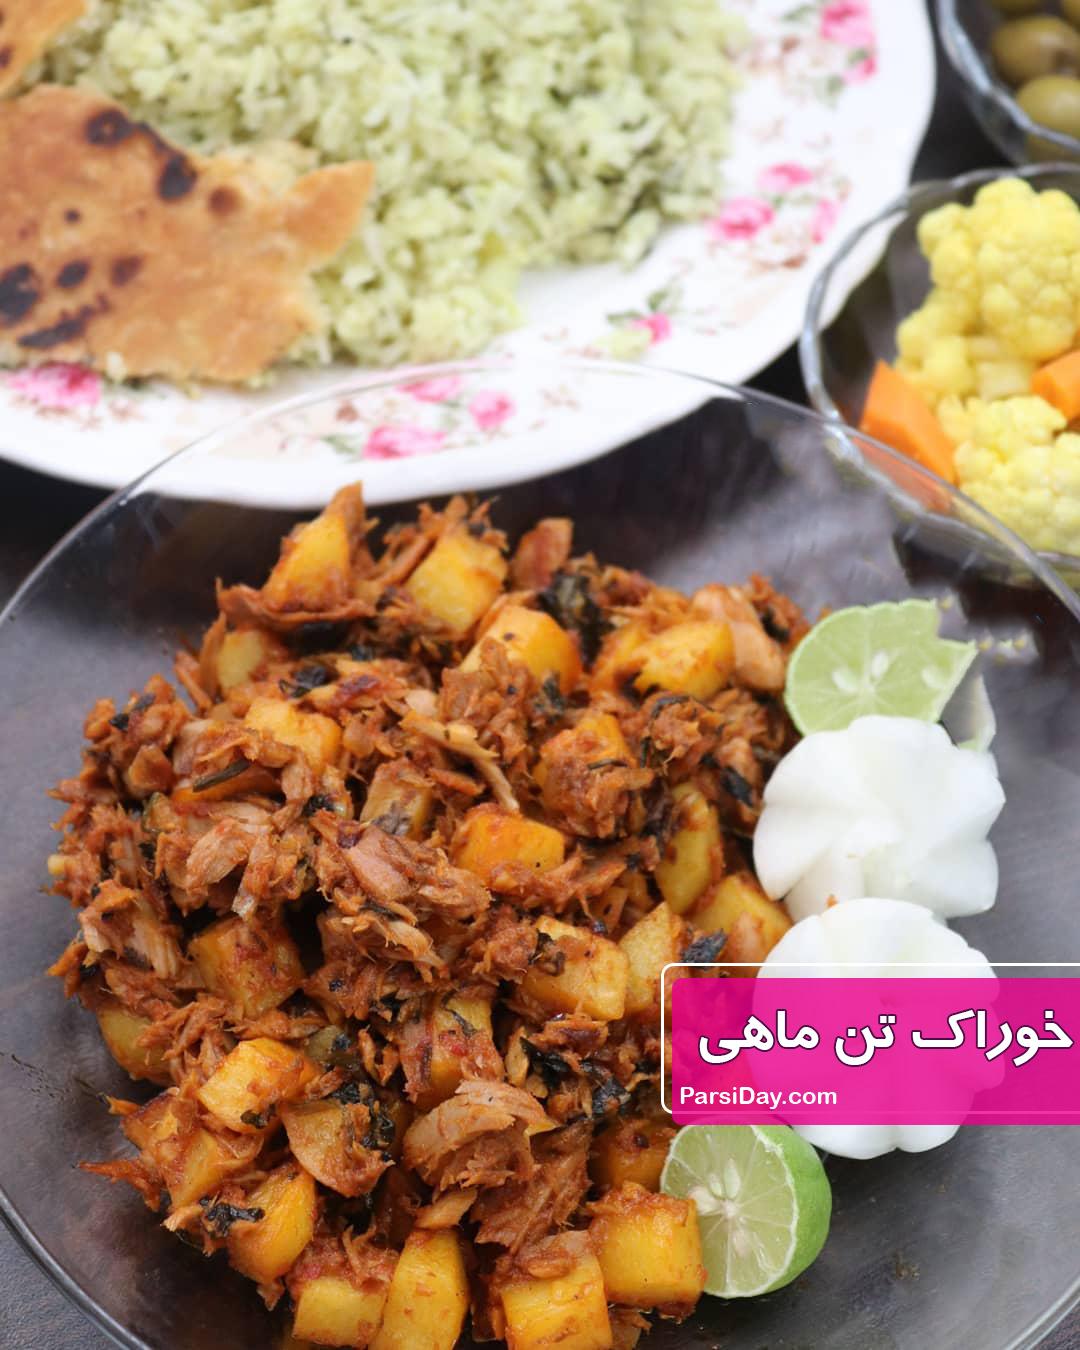 طرز تهیه خوراک تن ماهی ساده و خوشمزه با سیب زمینی و گوجه